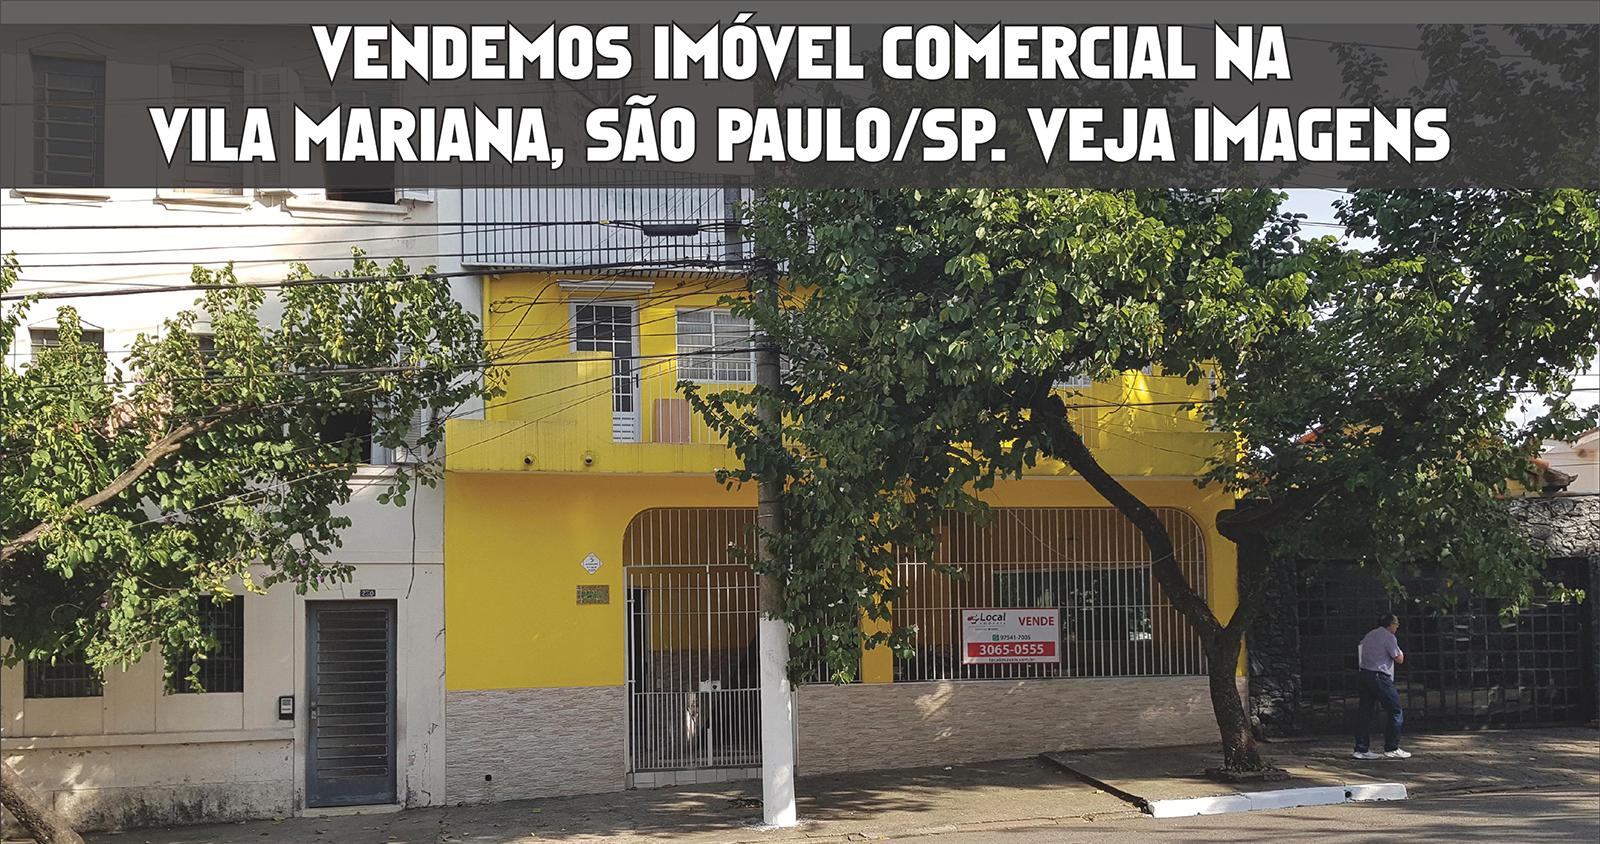 Vendemos imóvel comercial na Vila Mariana, São Paulo/SP